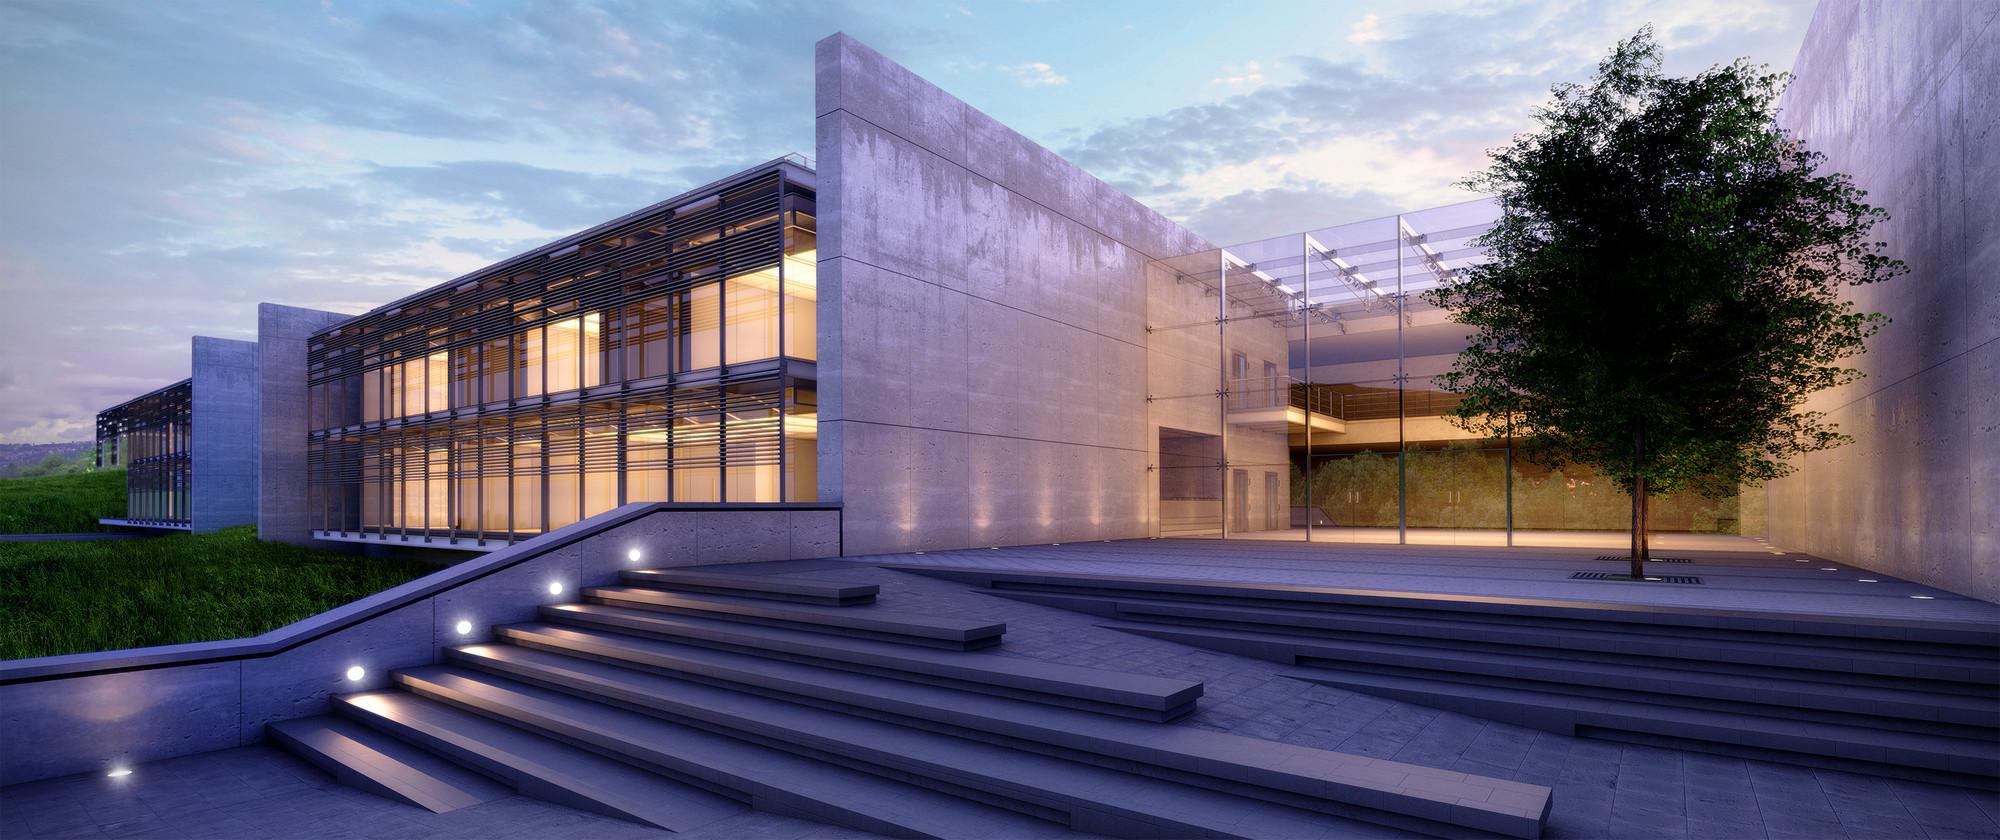 Galer a de visualizaci n en arquitectura diagonal - Fotografia arquitectura ...